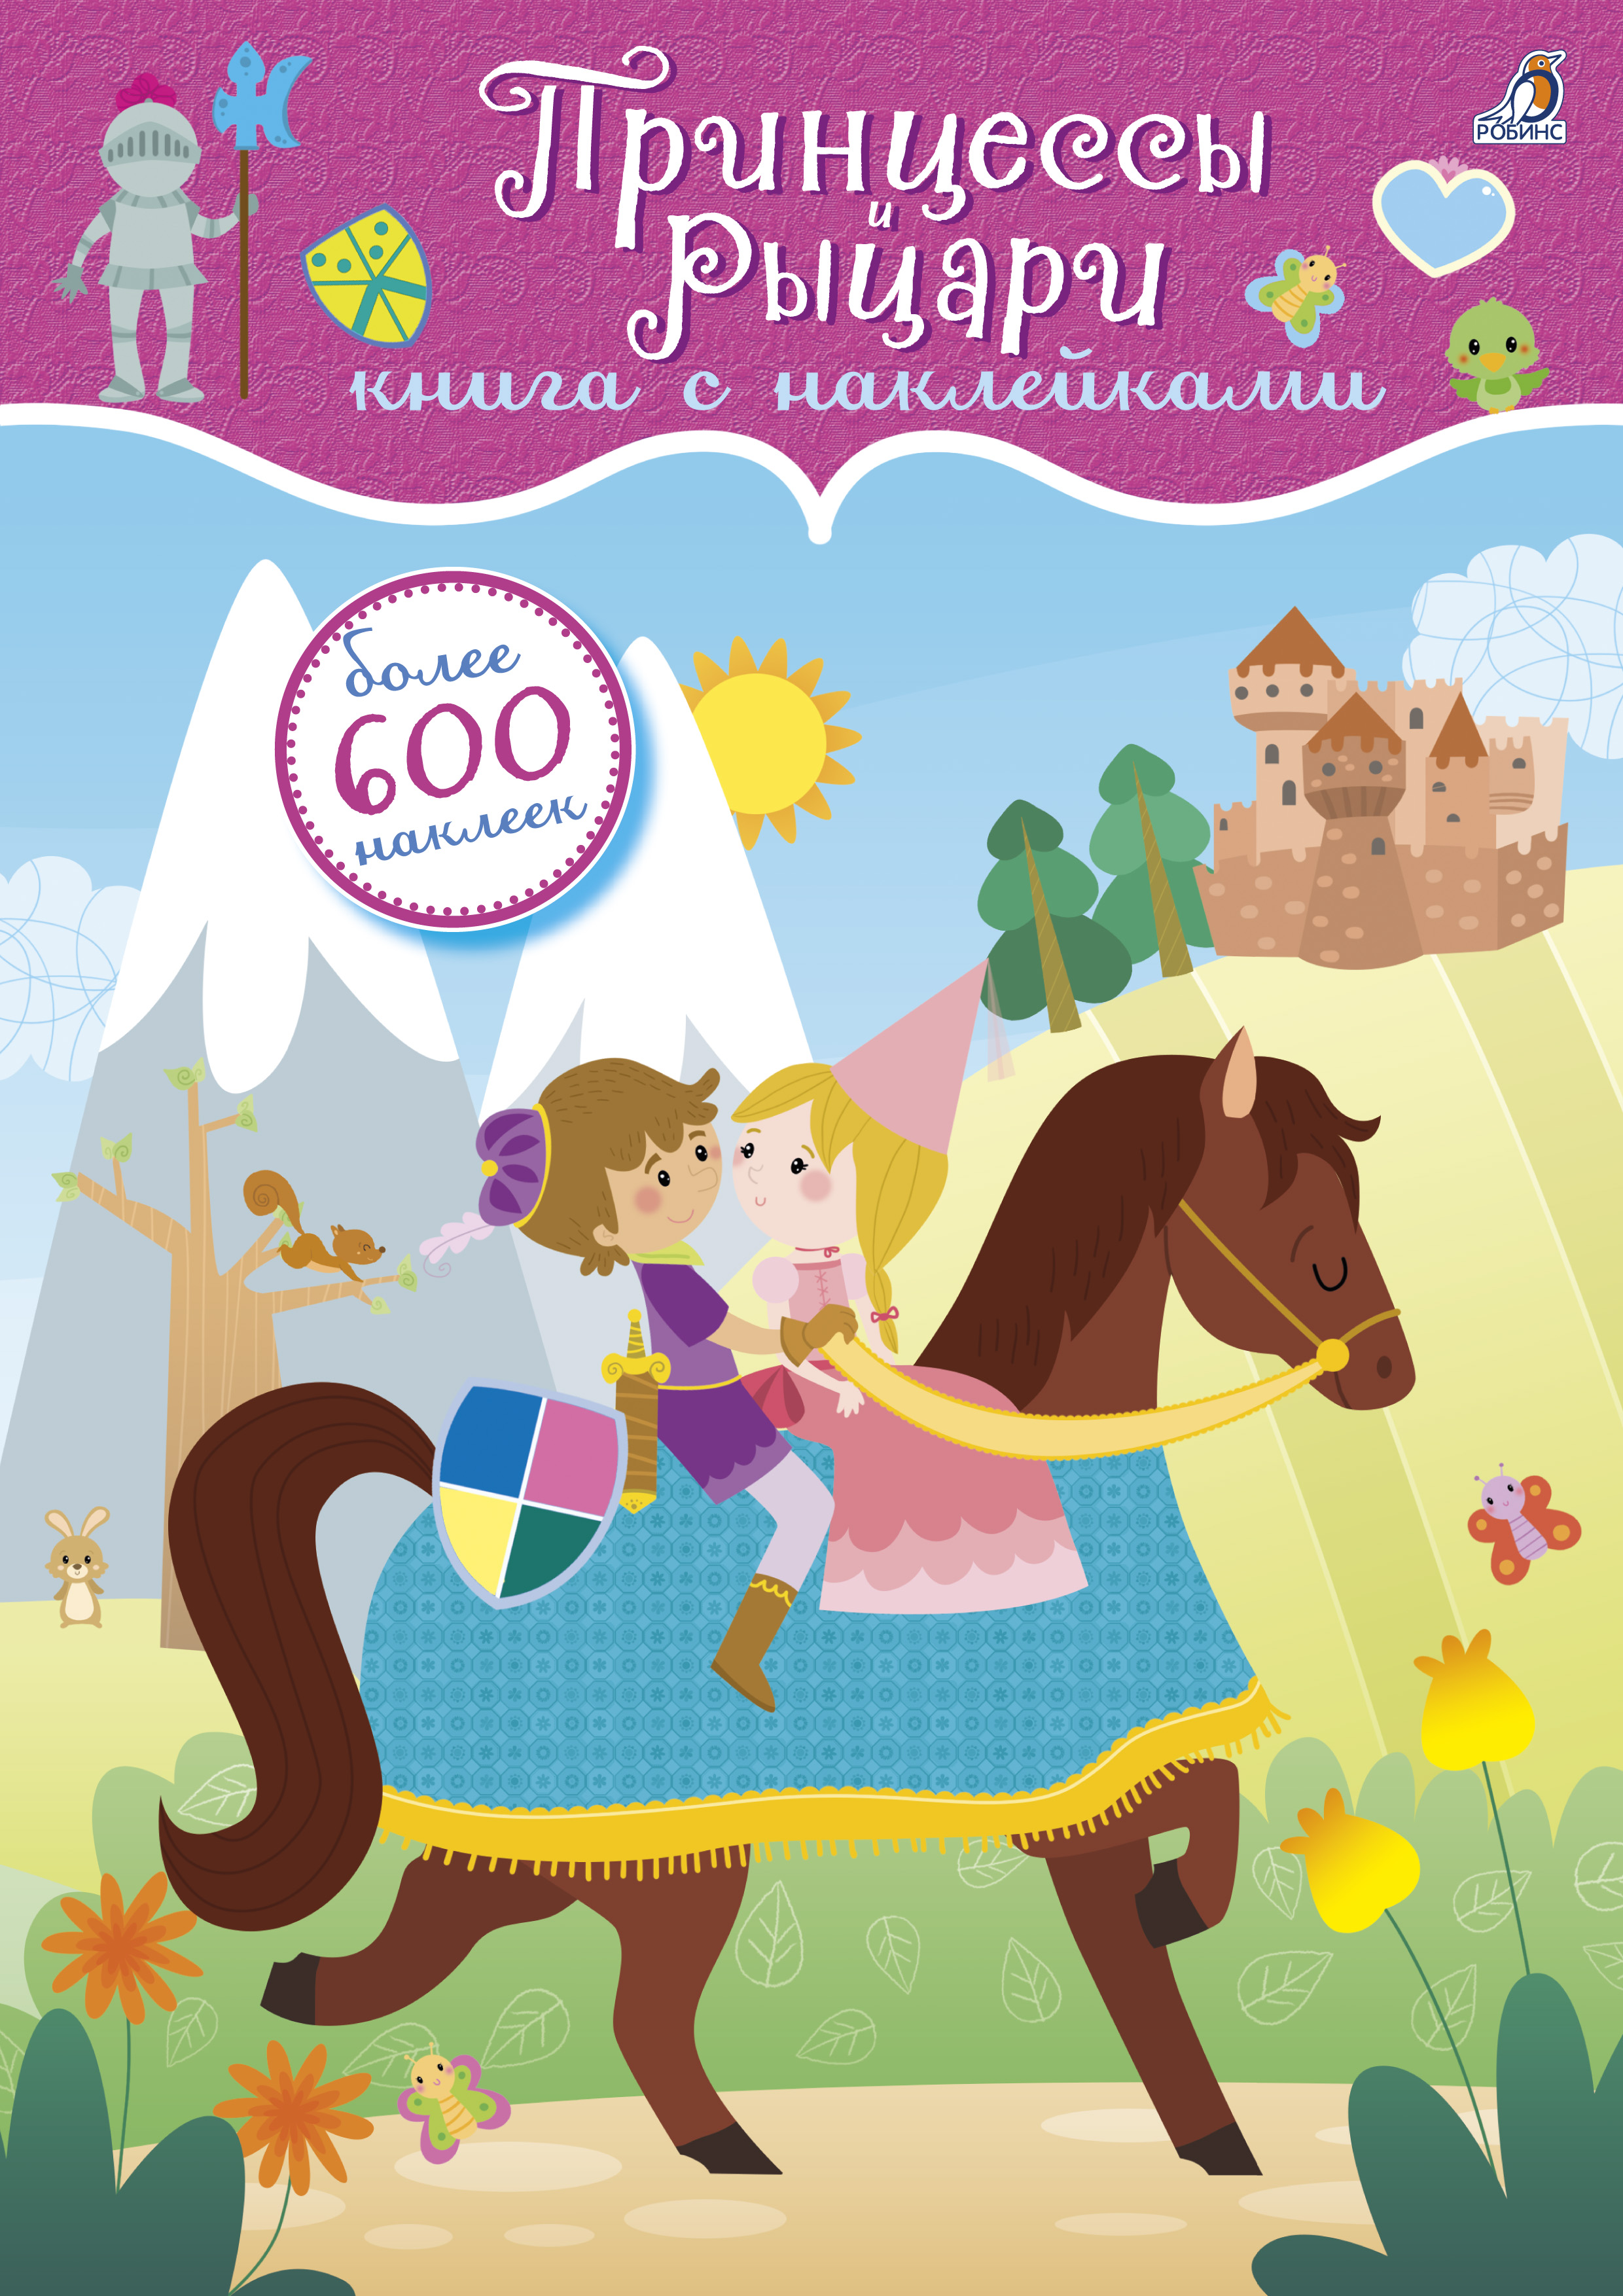 Книга с 600 наклейками - Принцессы и рыцариНаклейки<br>Книга с 600 наклейками - Принцессы и рыцари<br>